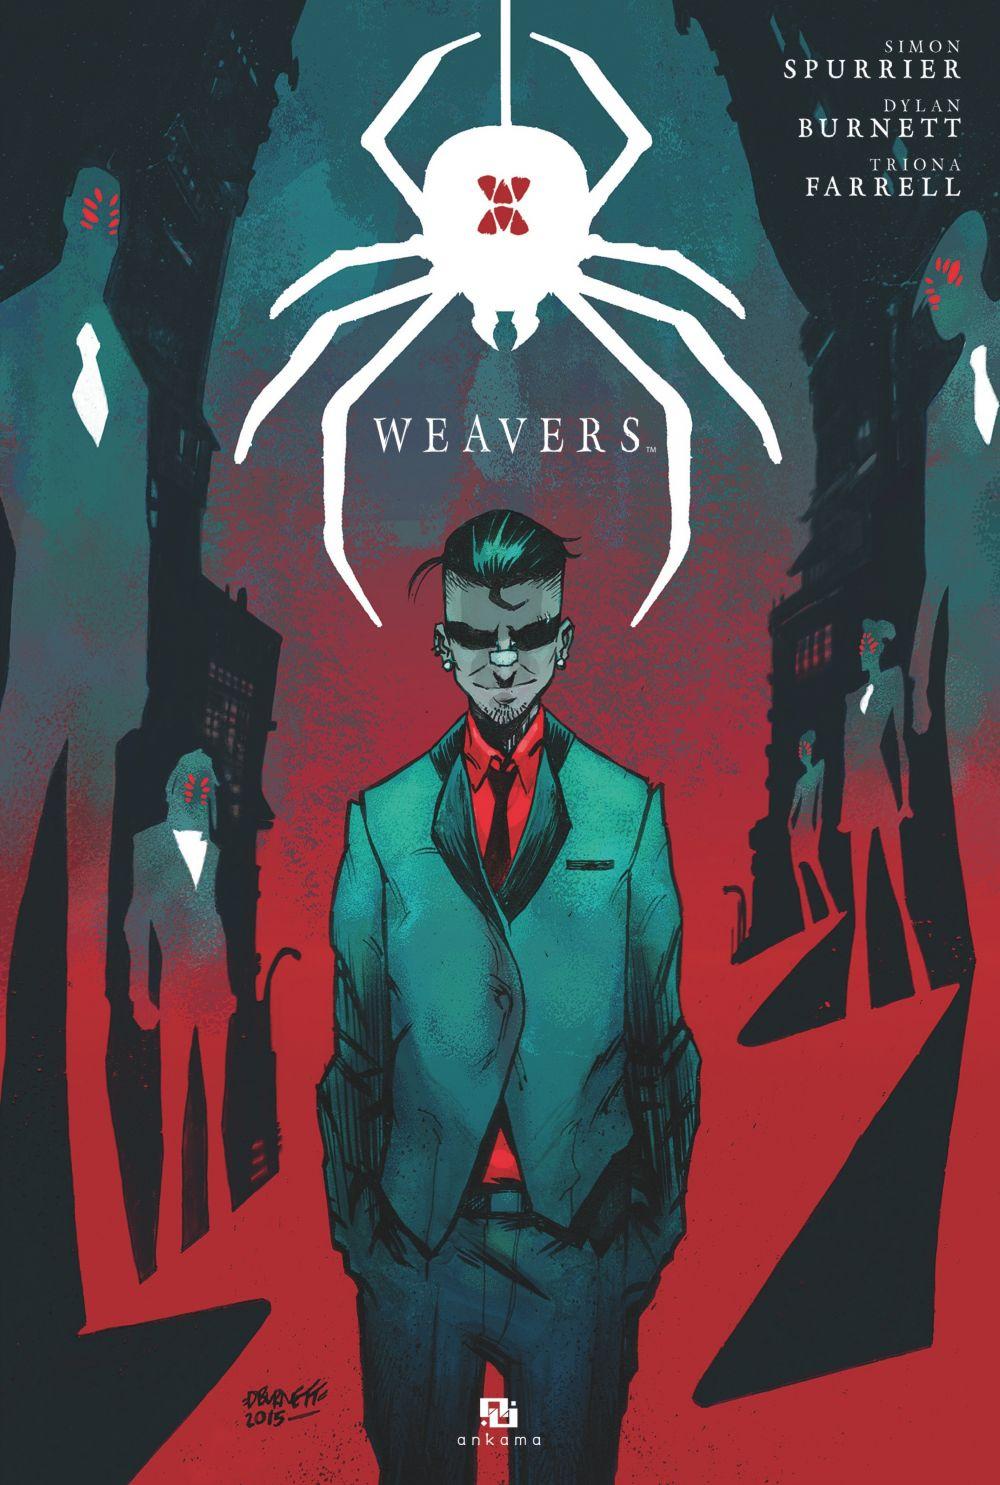 Weavers | Spurrier, Simon (1981-....). Auteur